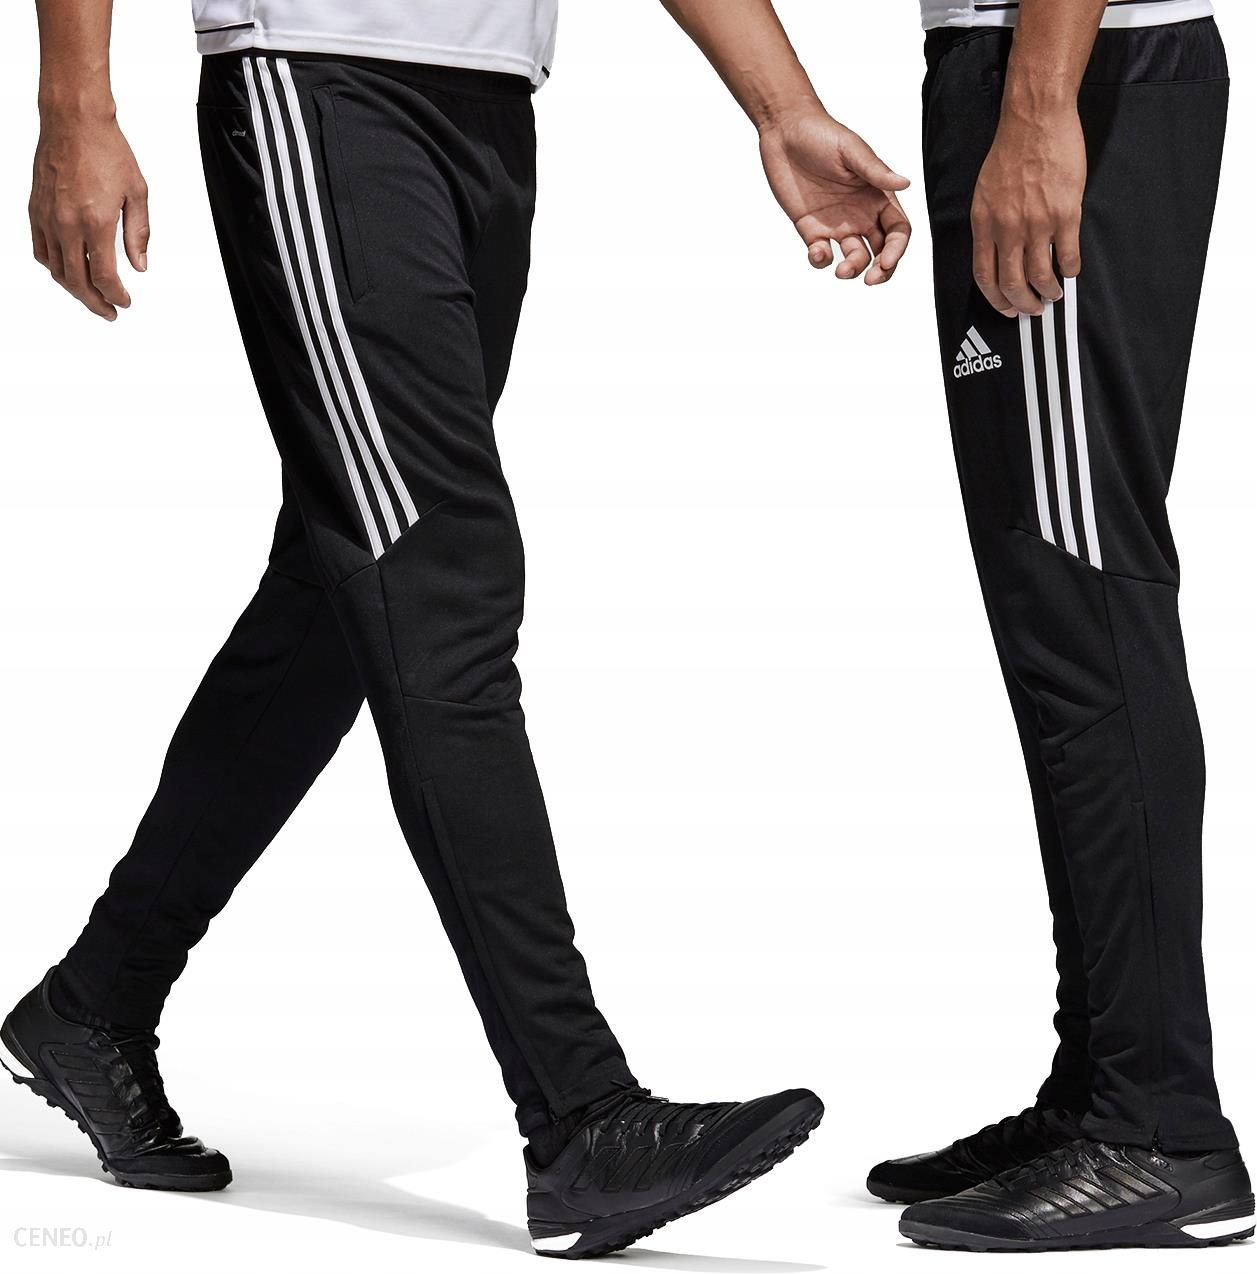 Spodnie dresowe męskie adidas czarne BS3693 L Ceny i opinie Ceneo.pl